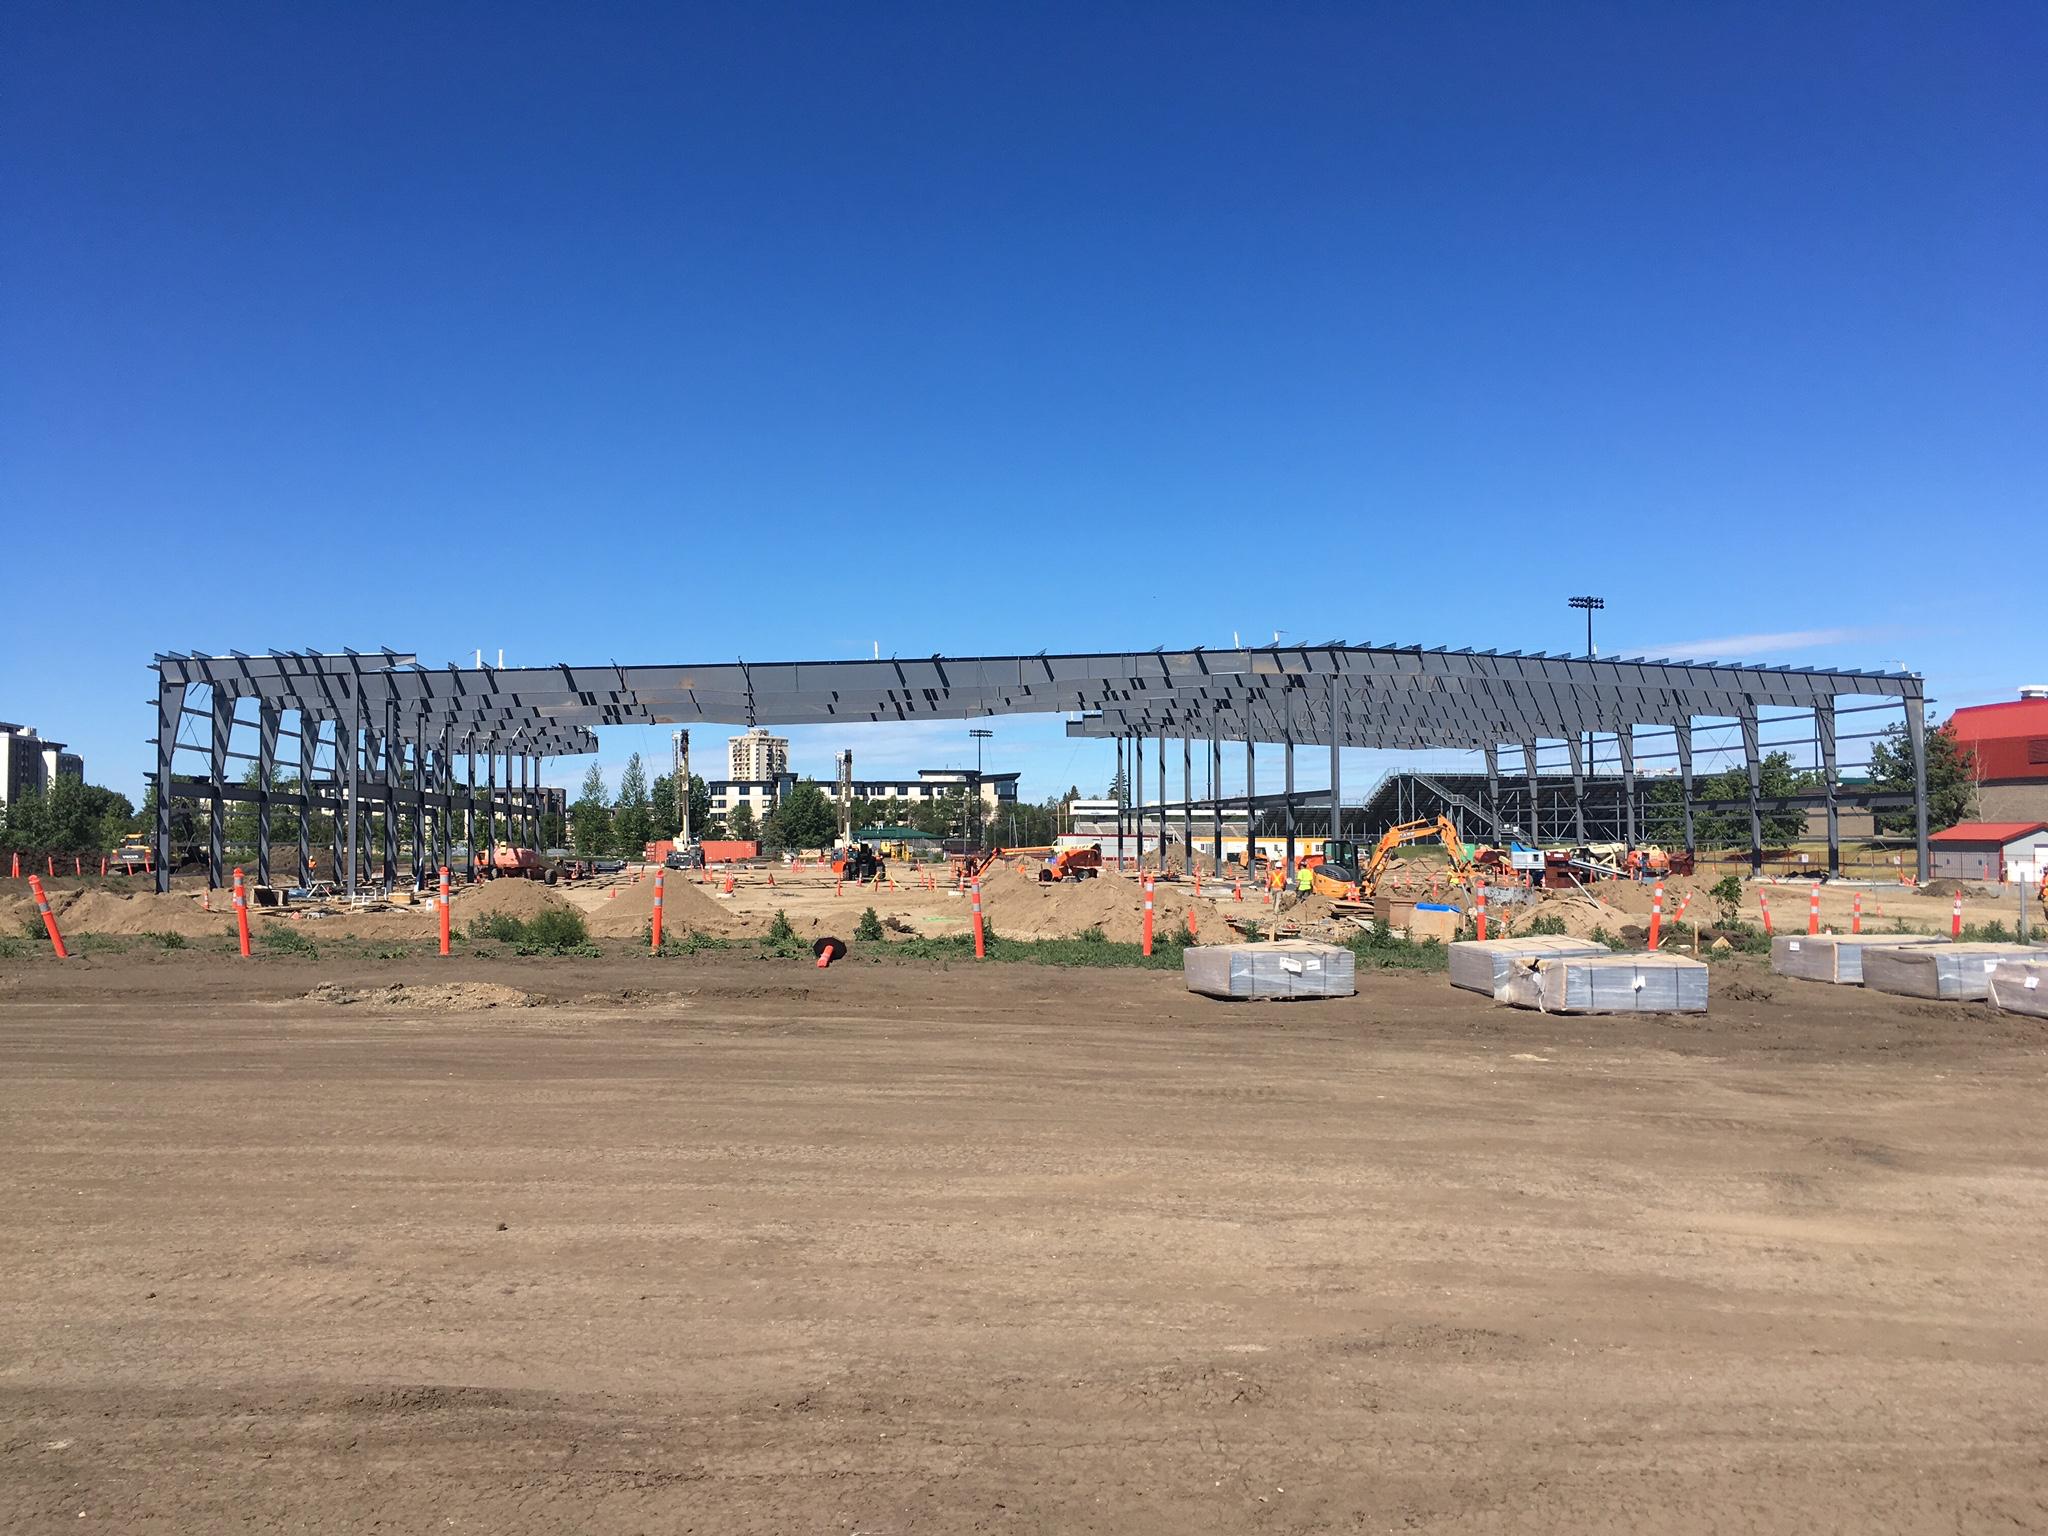 Merlis Belsher Arena U of S Saskatoon Sa